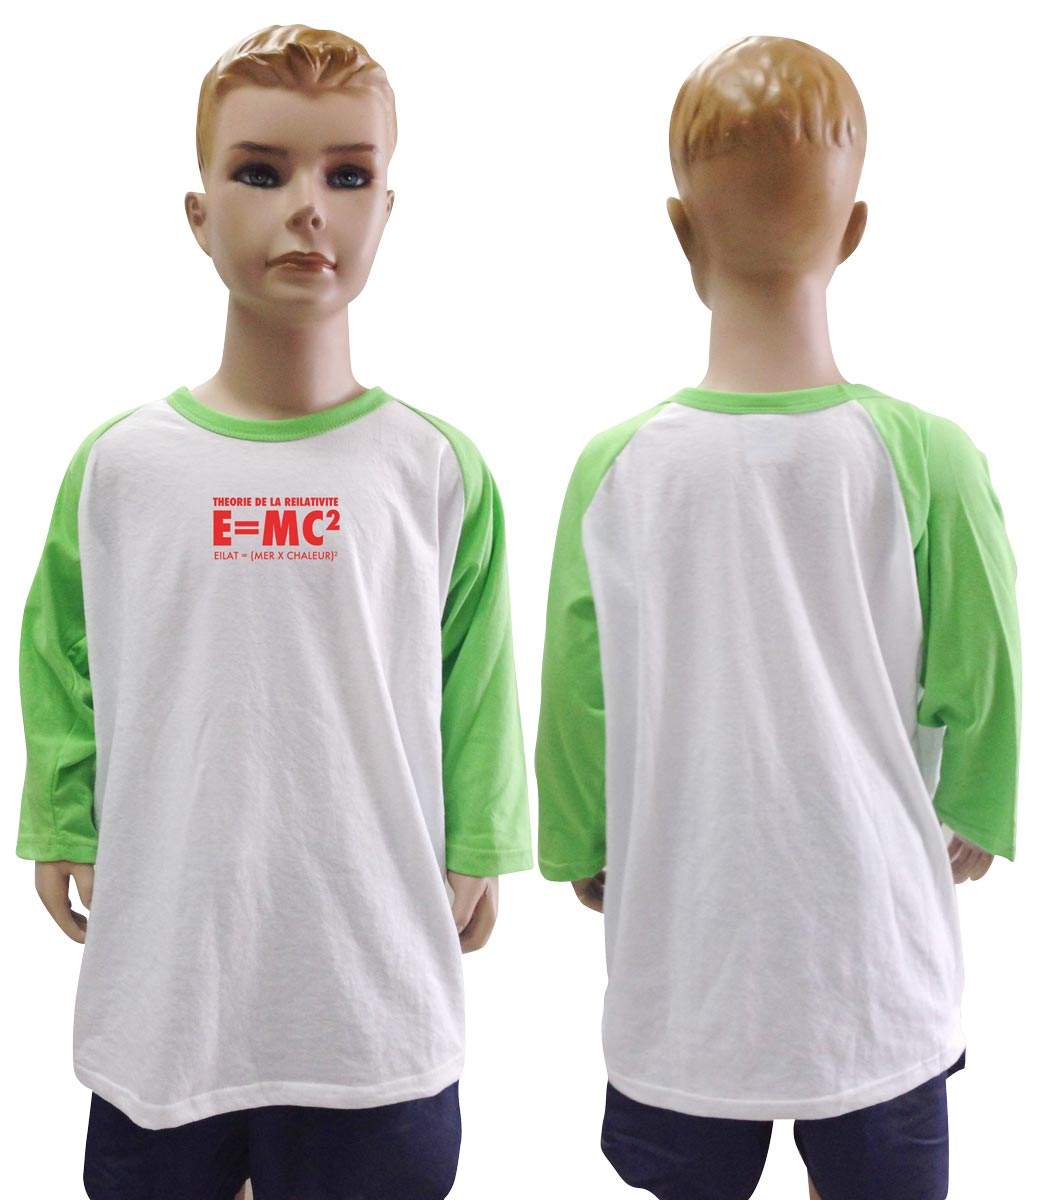 חולצה אמריקאית לילדים